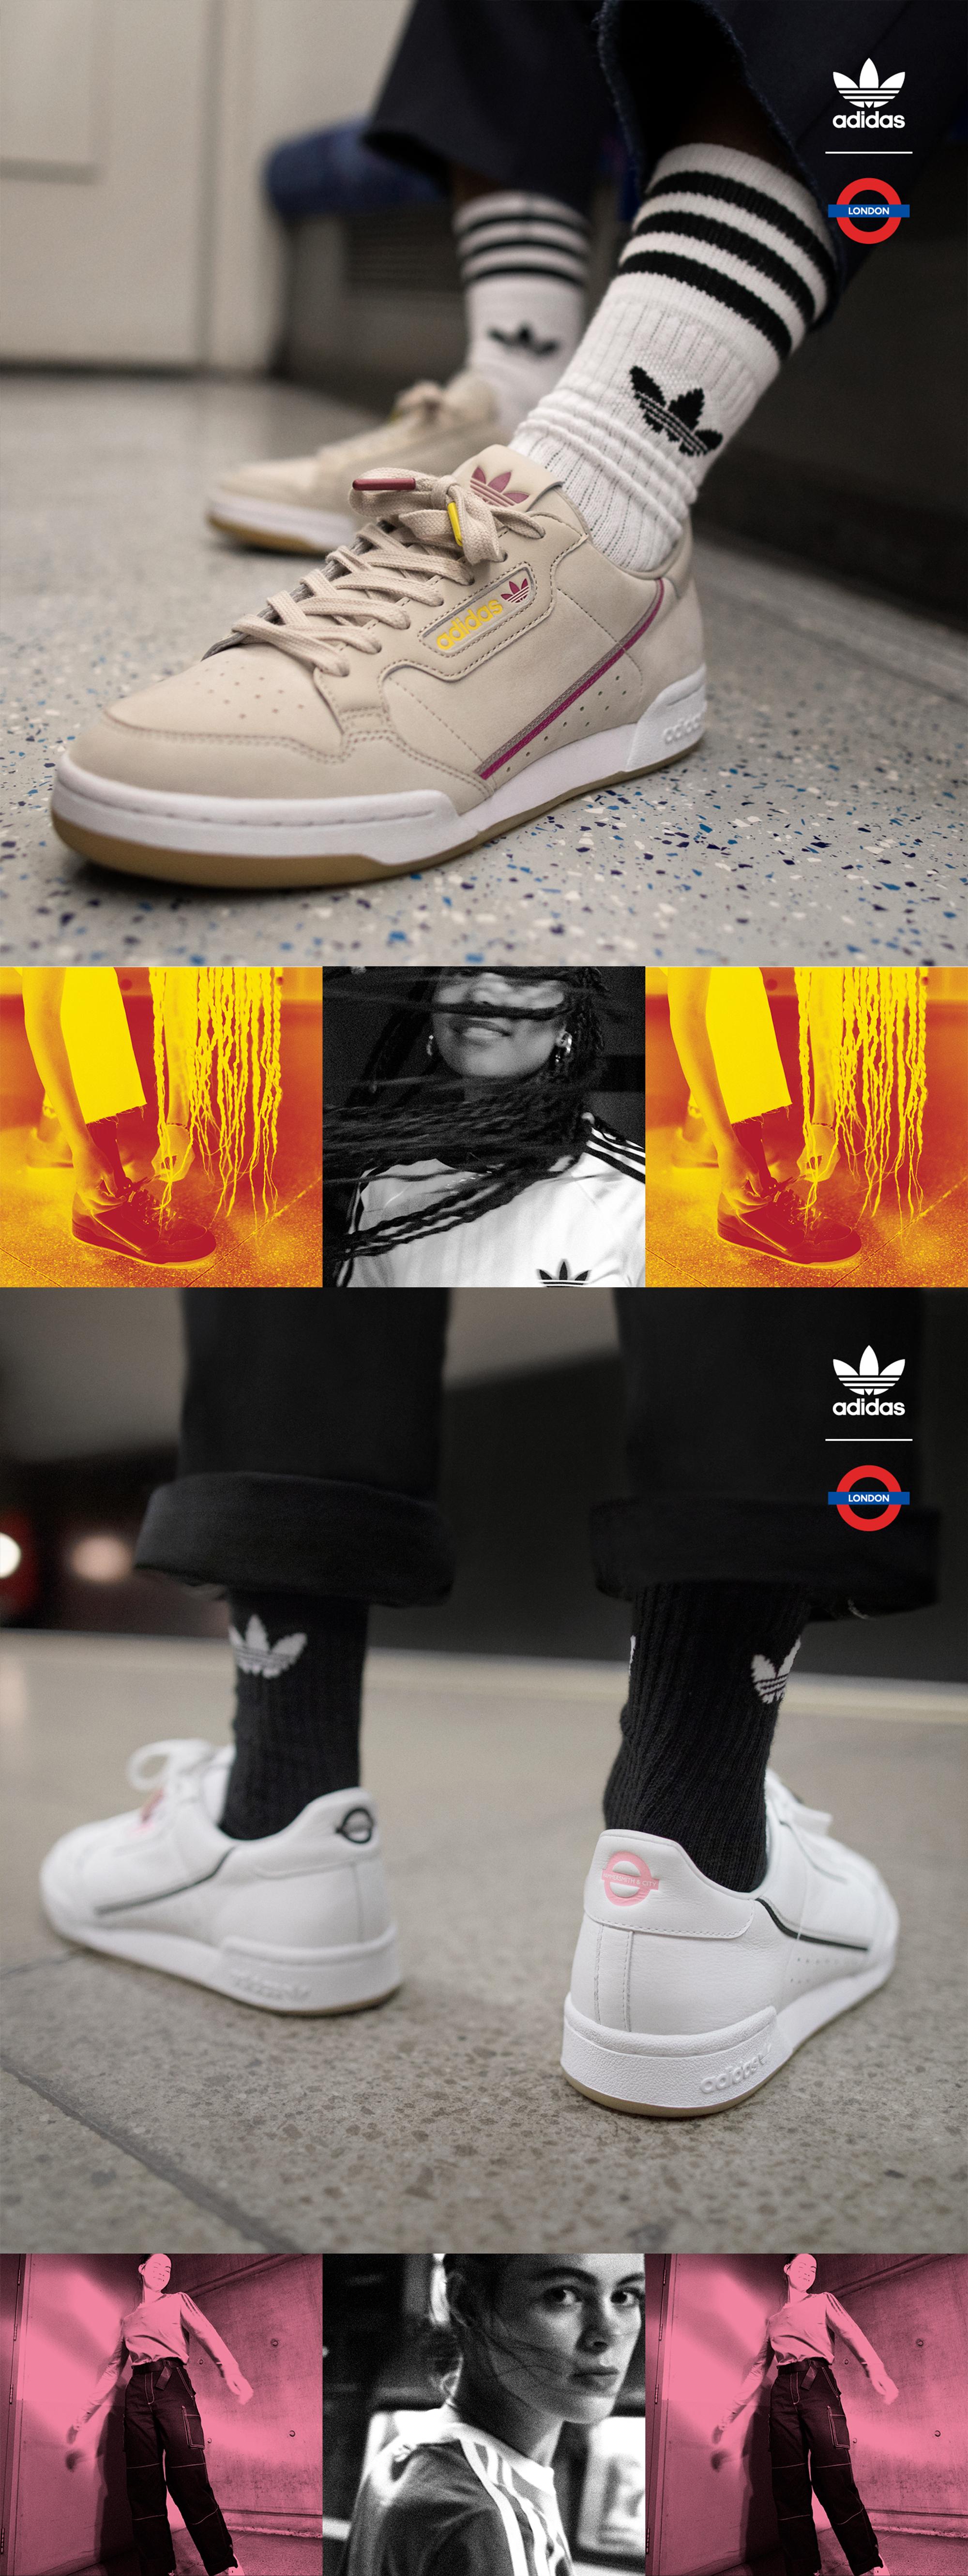 adidas originals x tfl pack continental 80